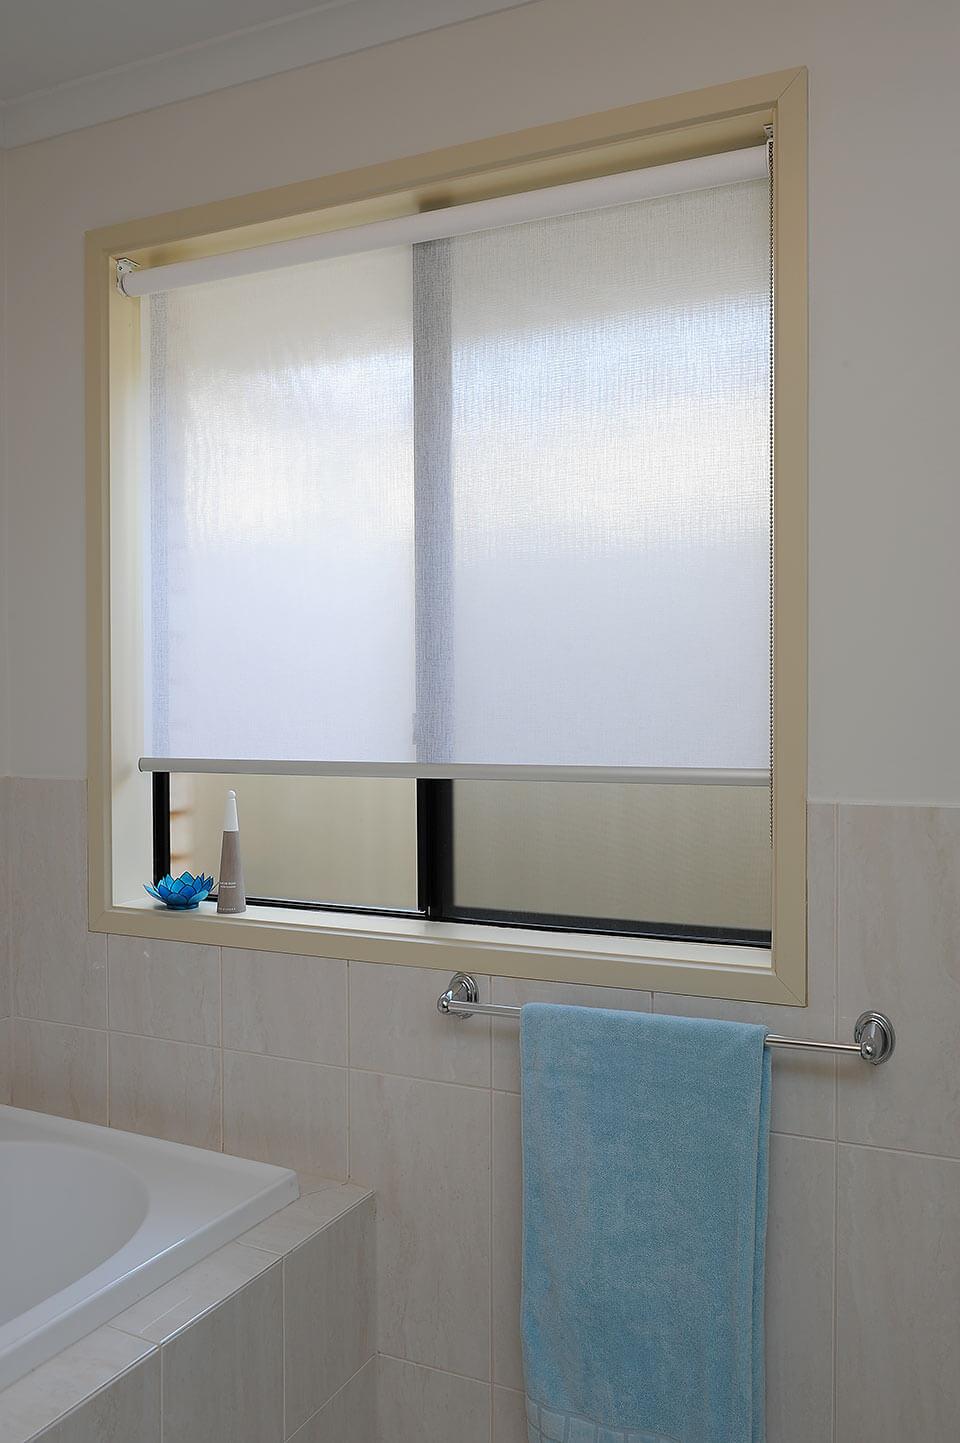 light filtering blinds gallery online blinds just roller blinds. Black Bedroom Furniture Sets. Home Design Ideas